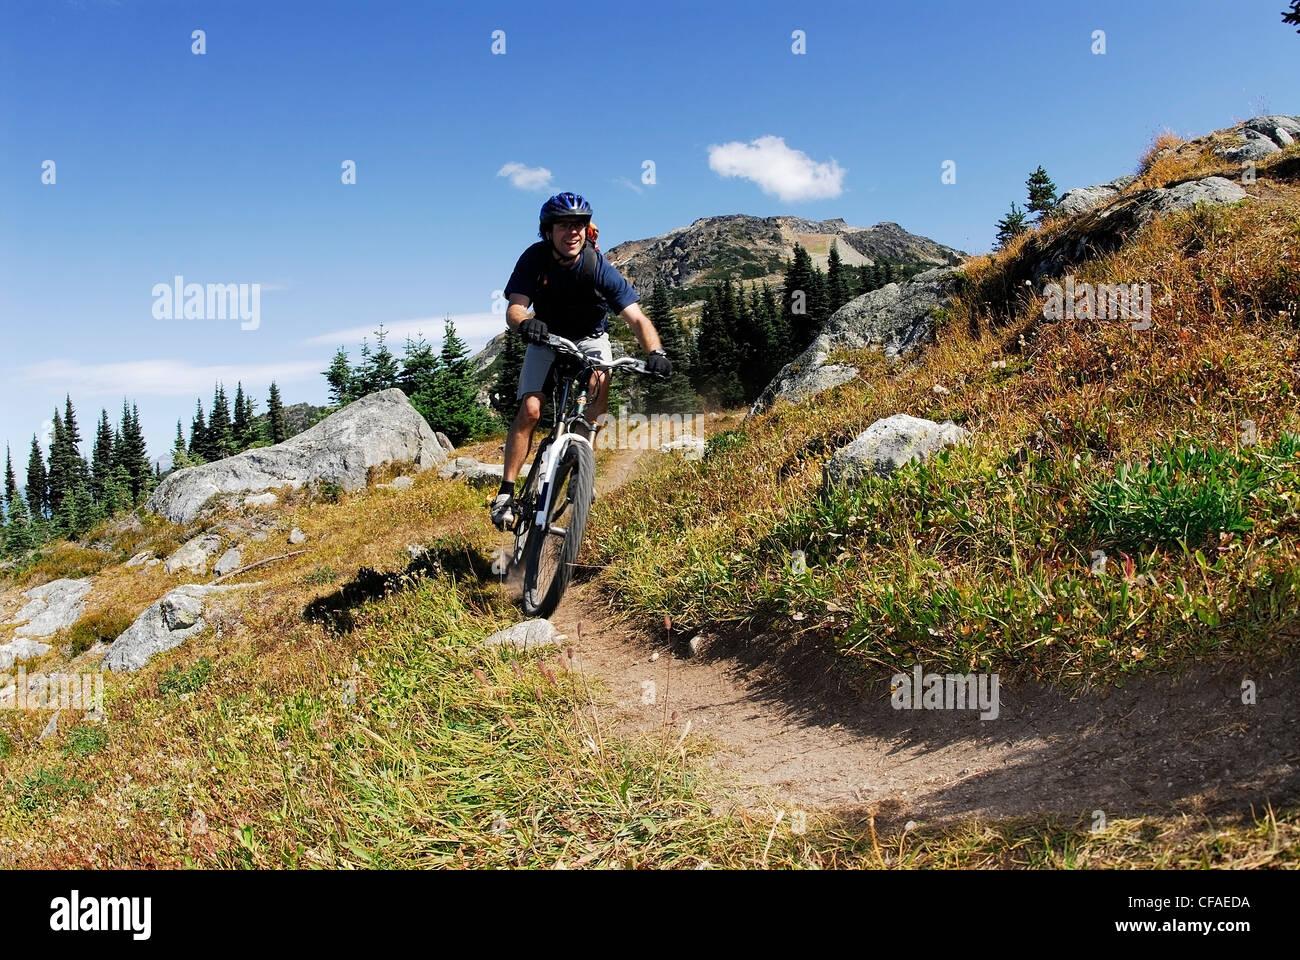 Mountainbiker beginnt der Abstieg zum Khyber-Pass. Whistler, Britisch-Kolumbien, Kanada. Stockbild